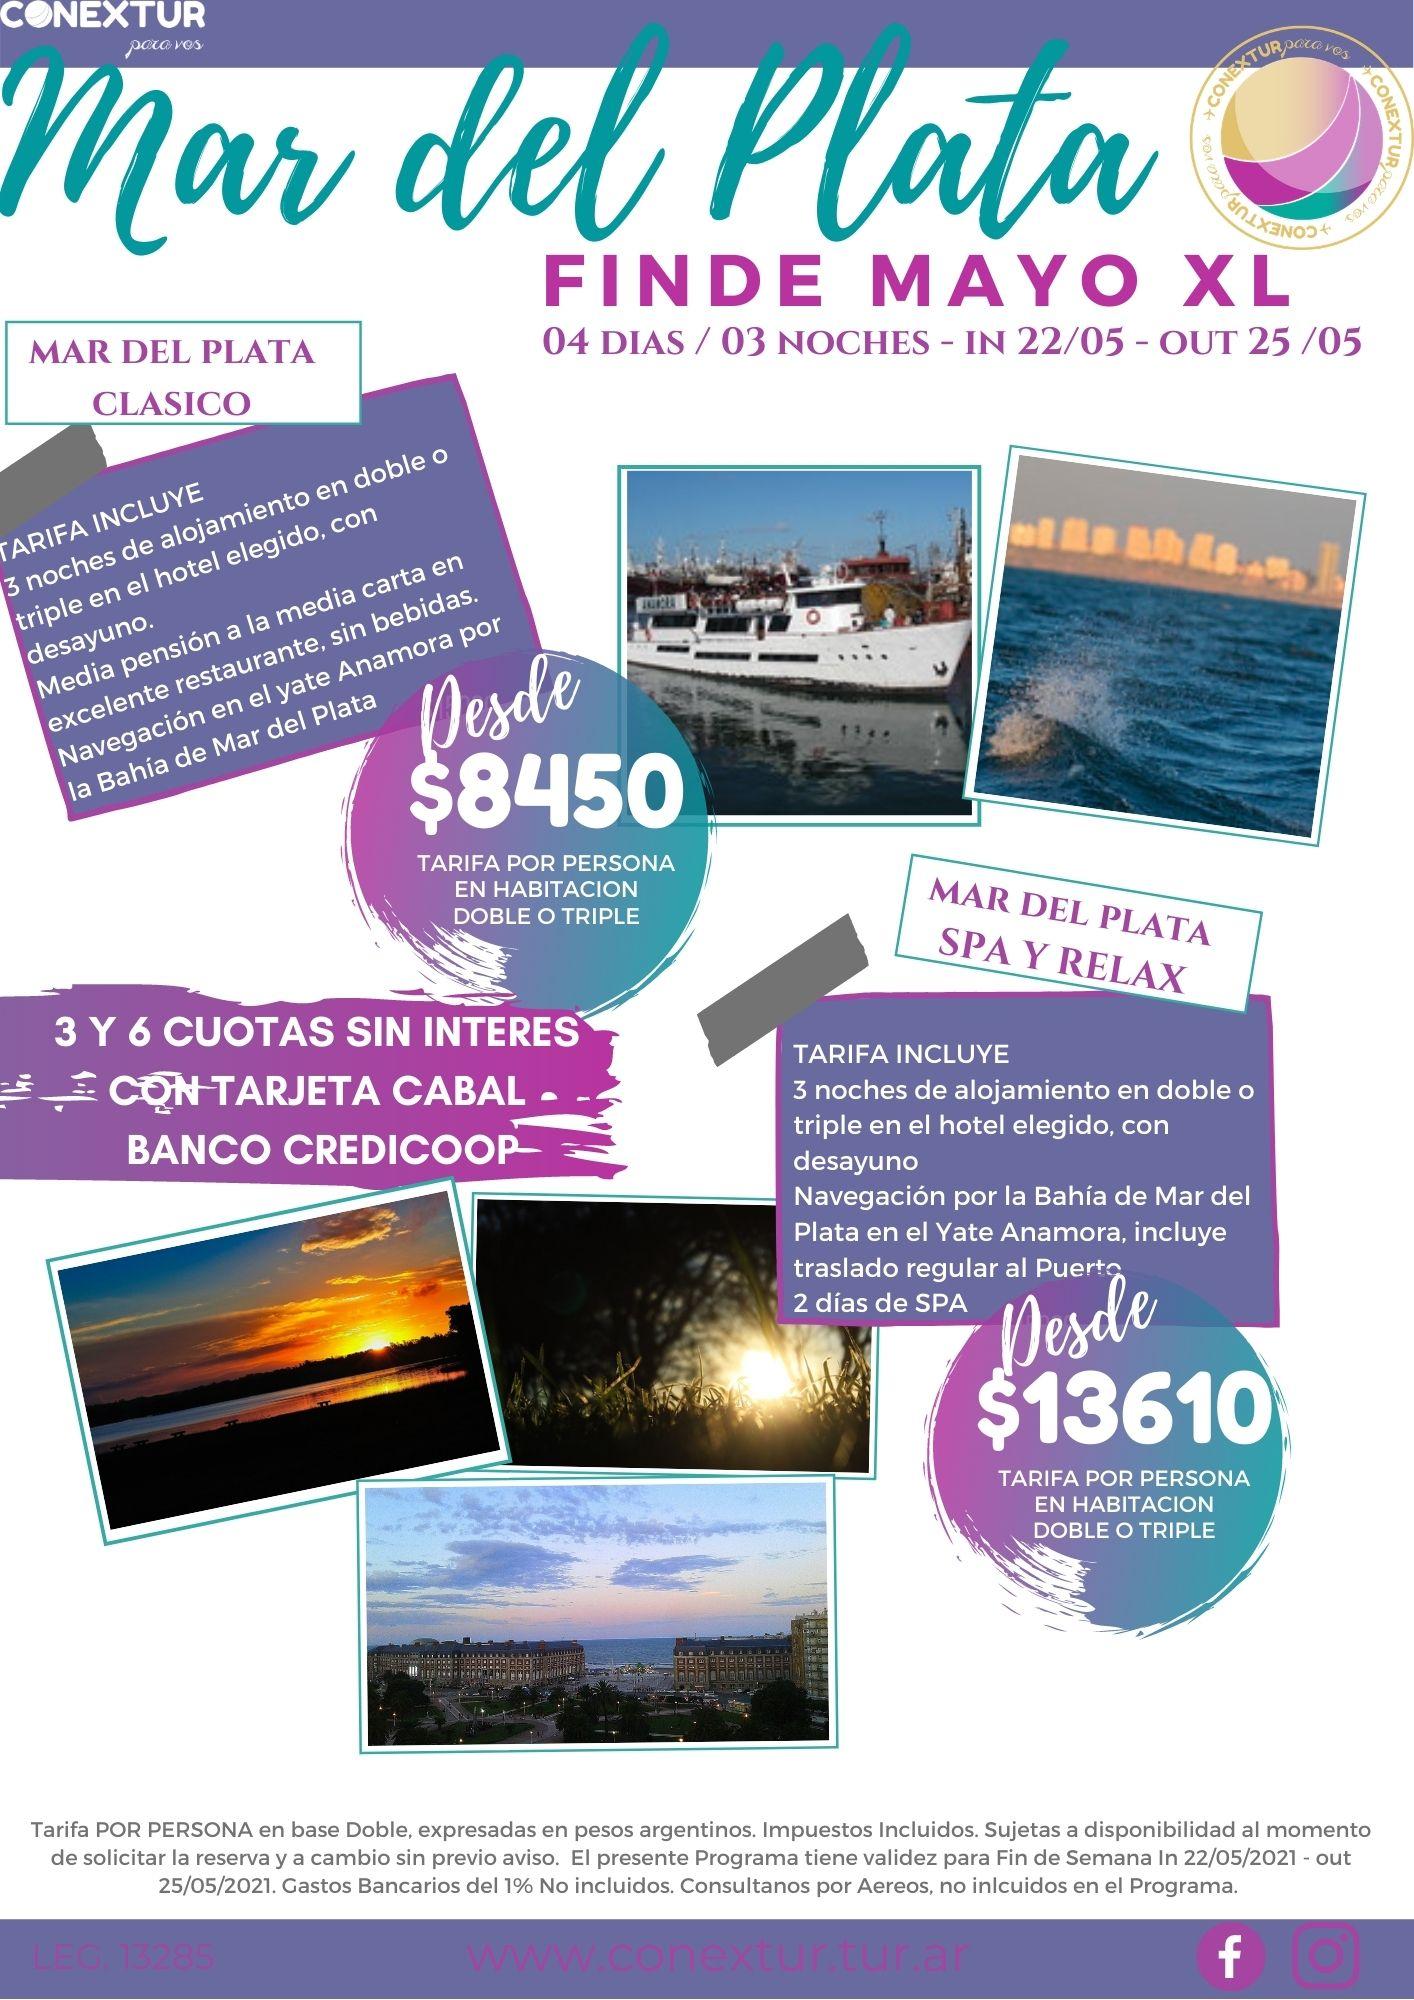 Mar del Plata Clasico